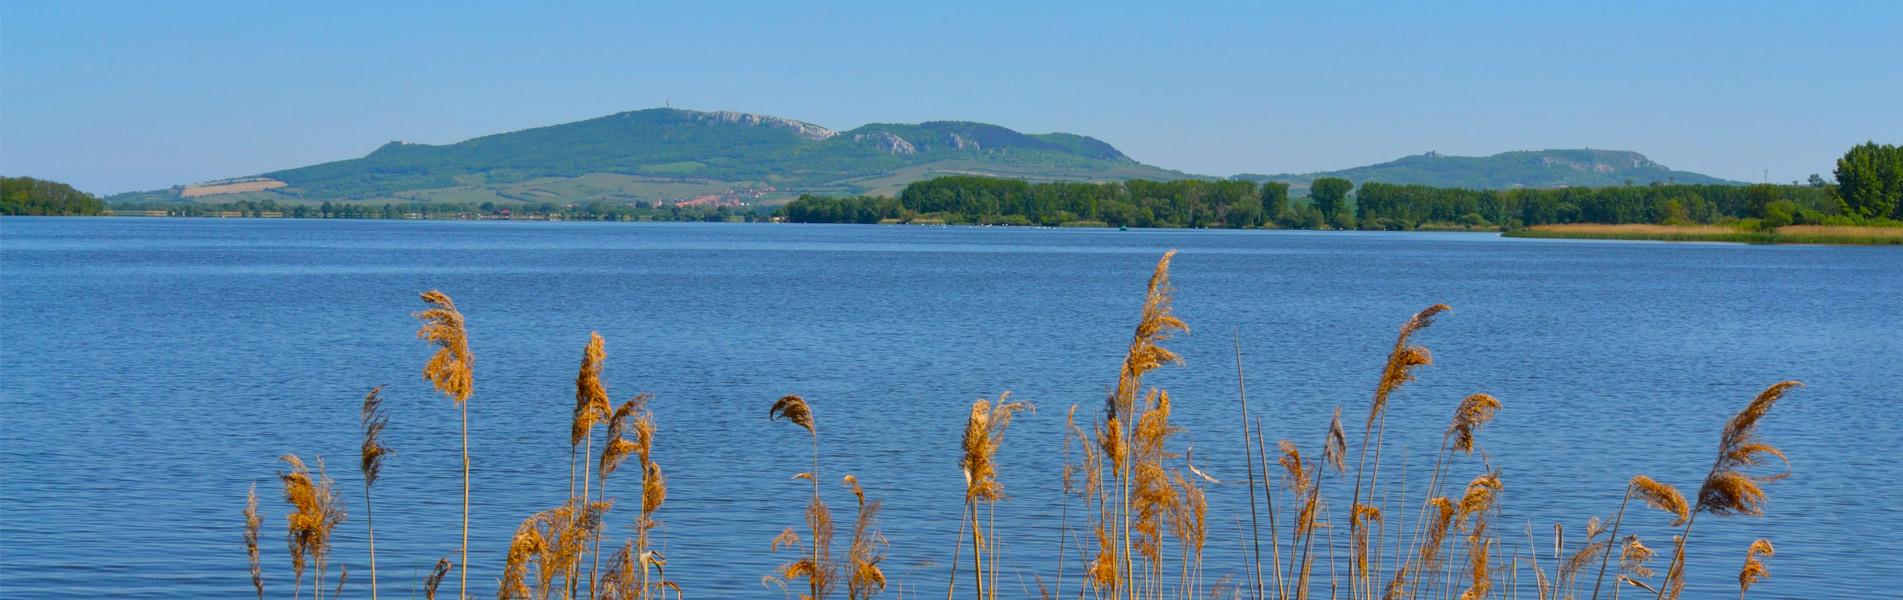 Jezera-plná-ryb-..